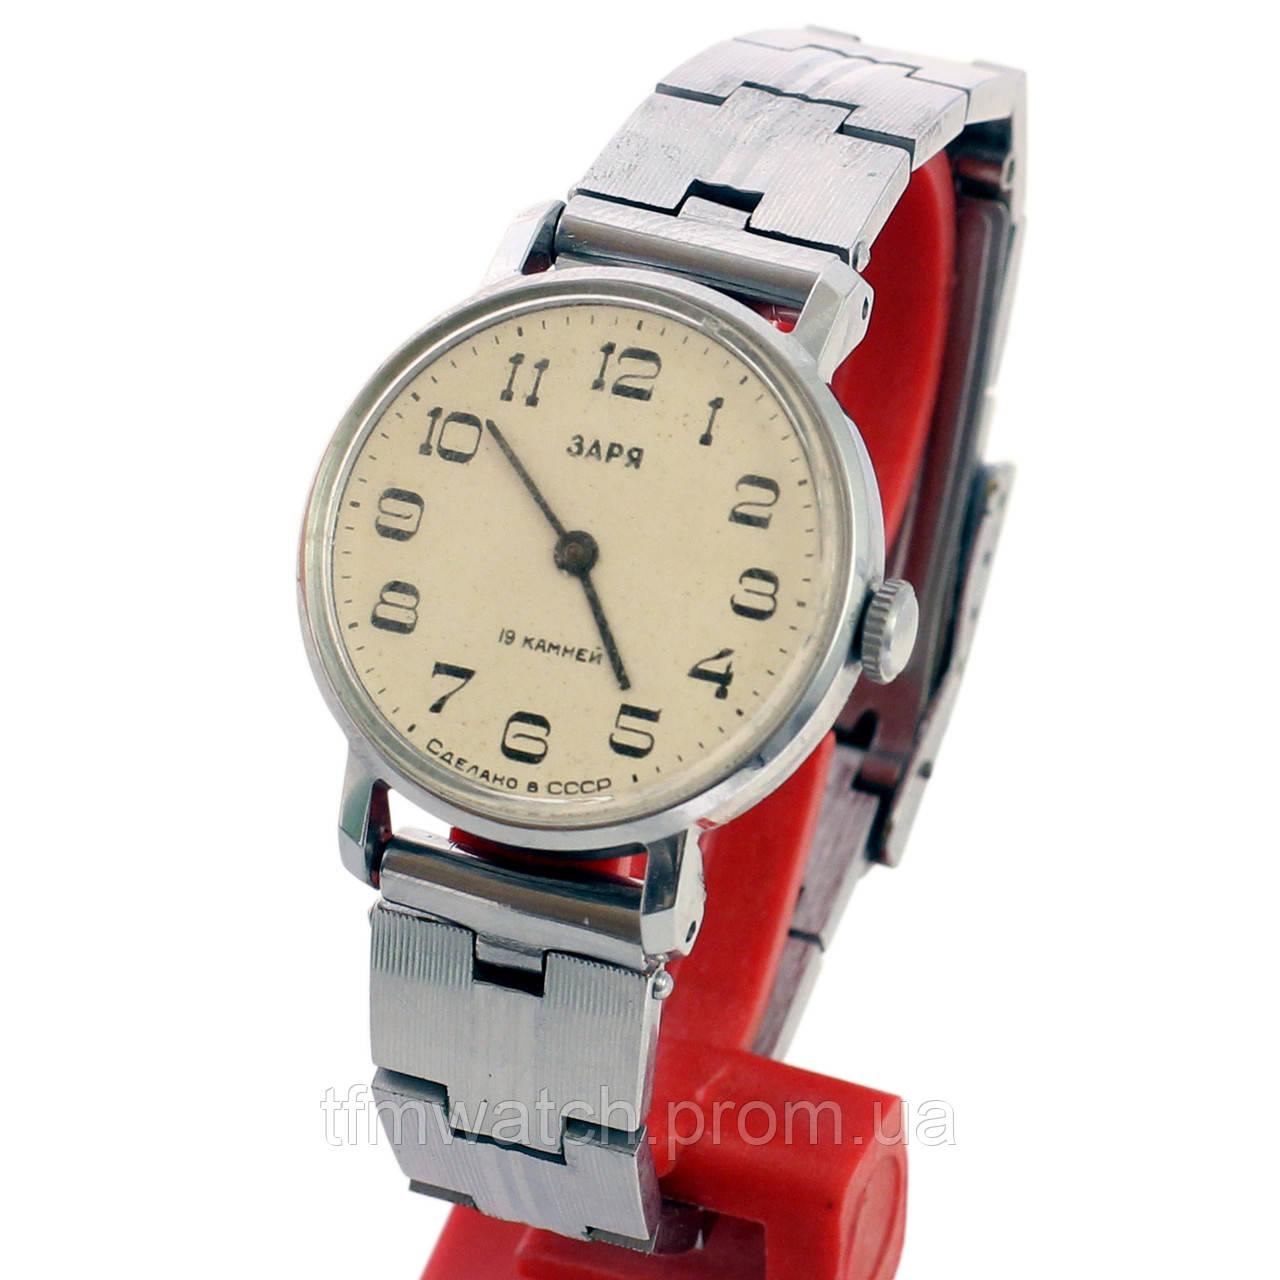 Советские часы заря продать работы самосвала за час стоимость один